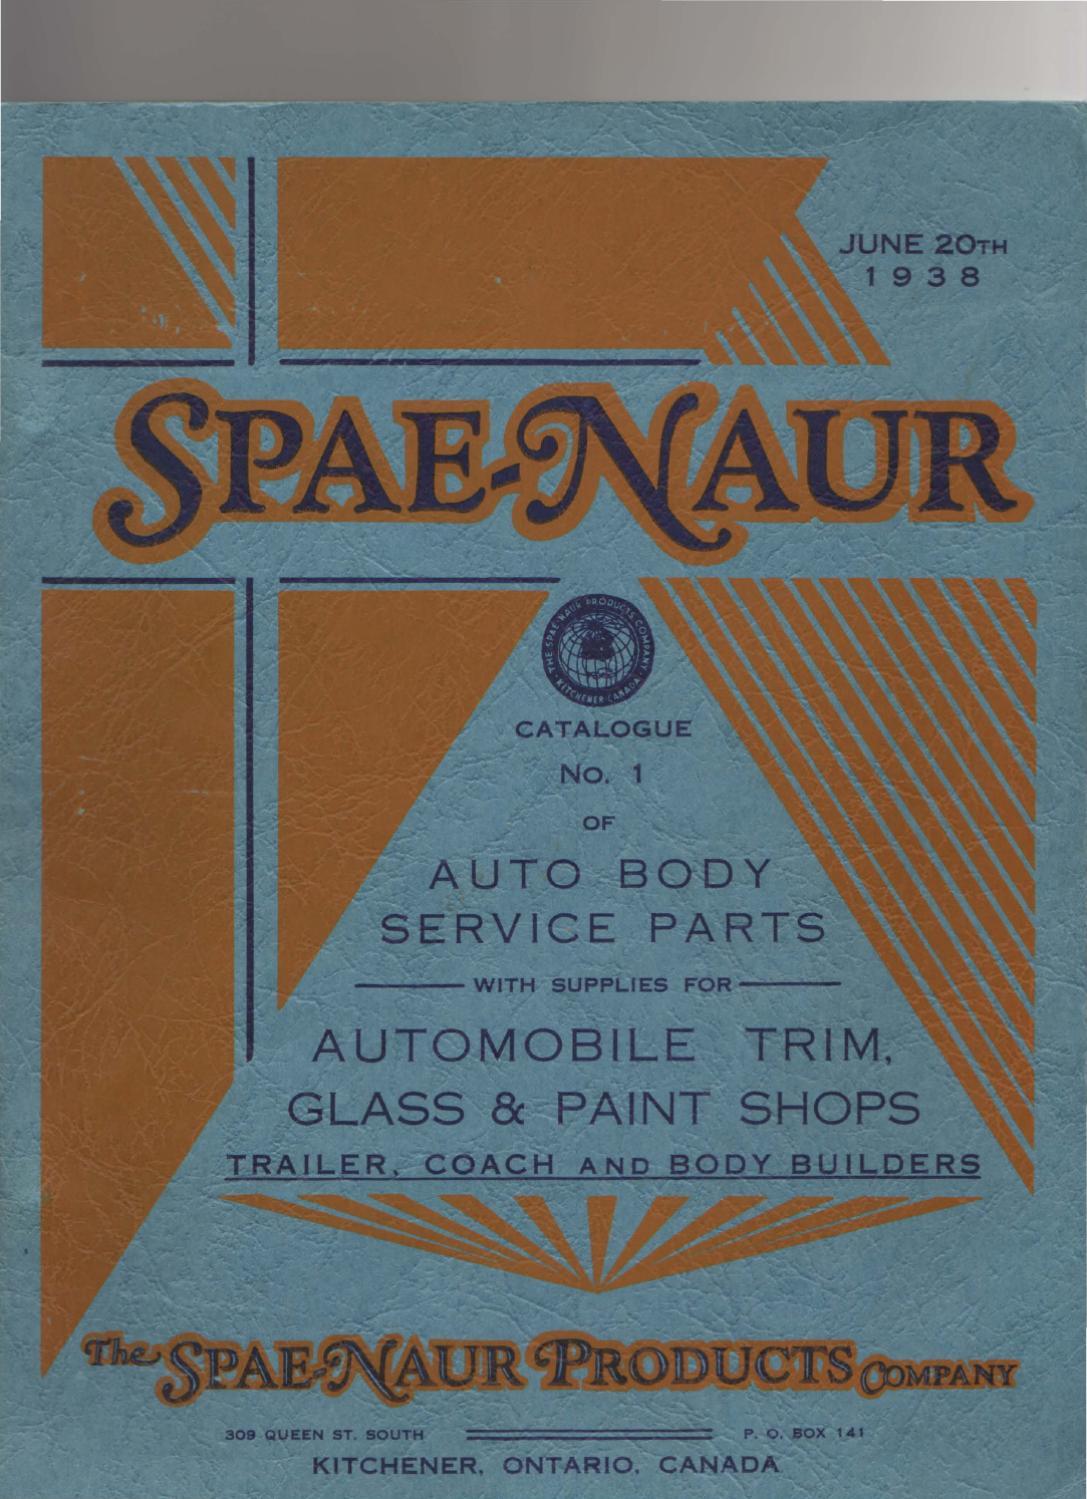 Spaenaur Catalog #1 by Spaenaur Inc. - issuu